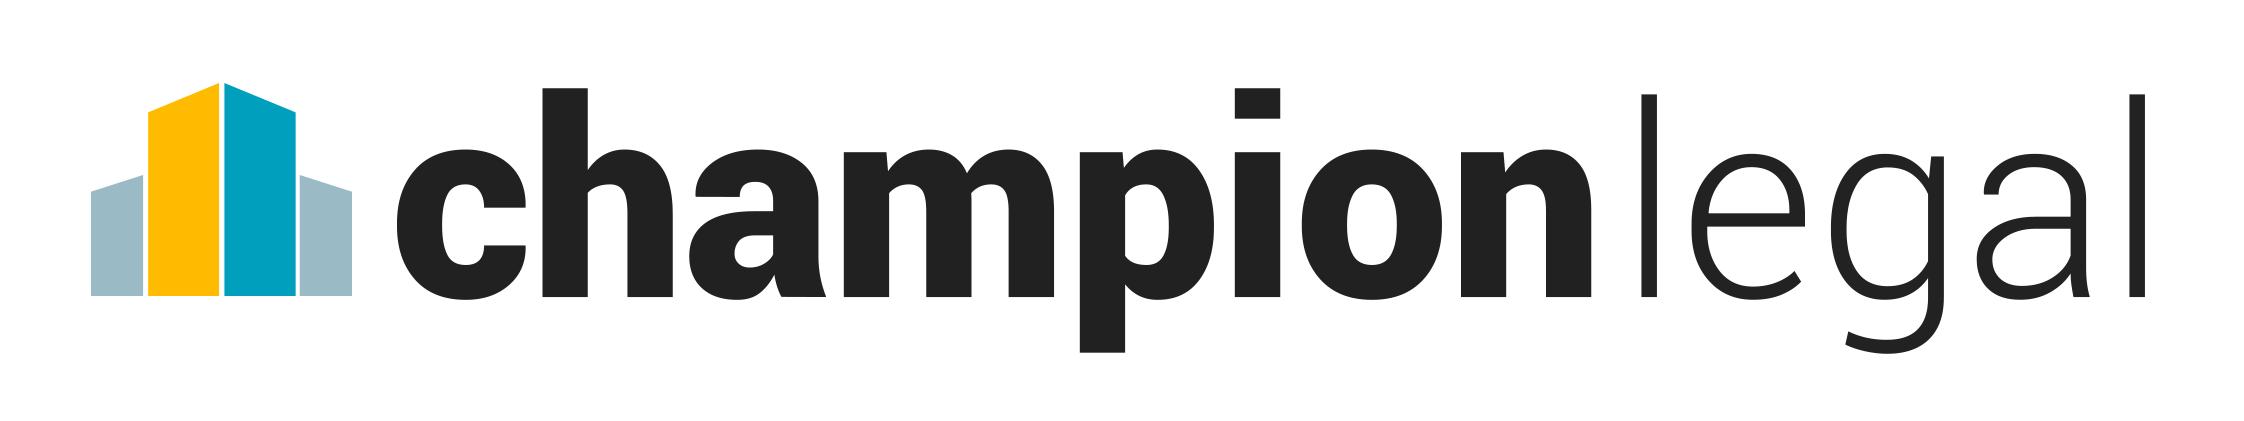 Final_logo_V2.png